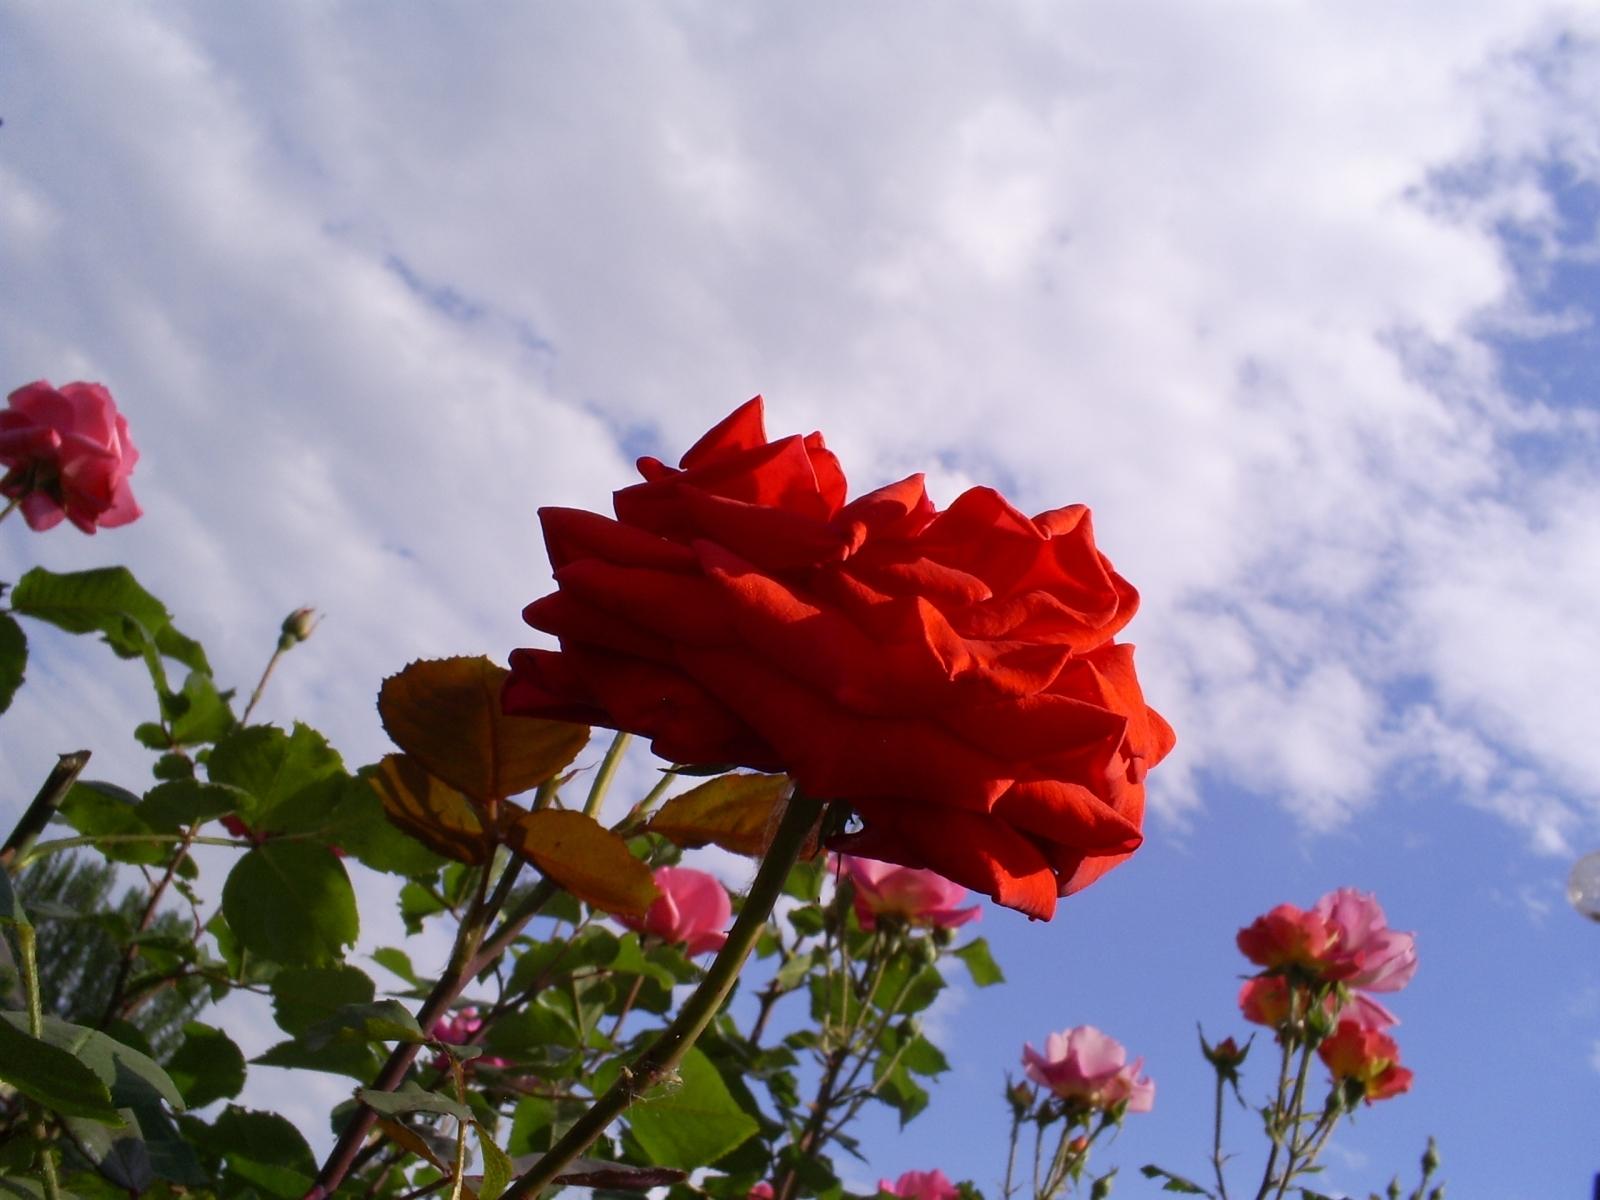 Скачать картинку Небо, Розы, Растения, Цветы в телефон бесплатно.